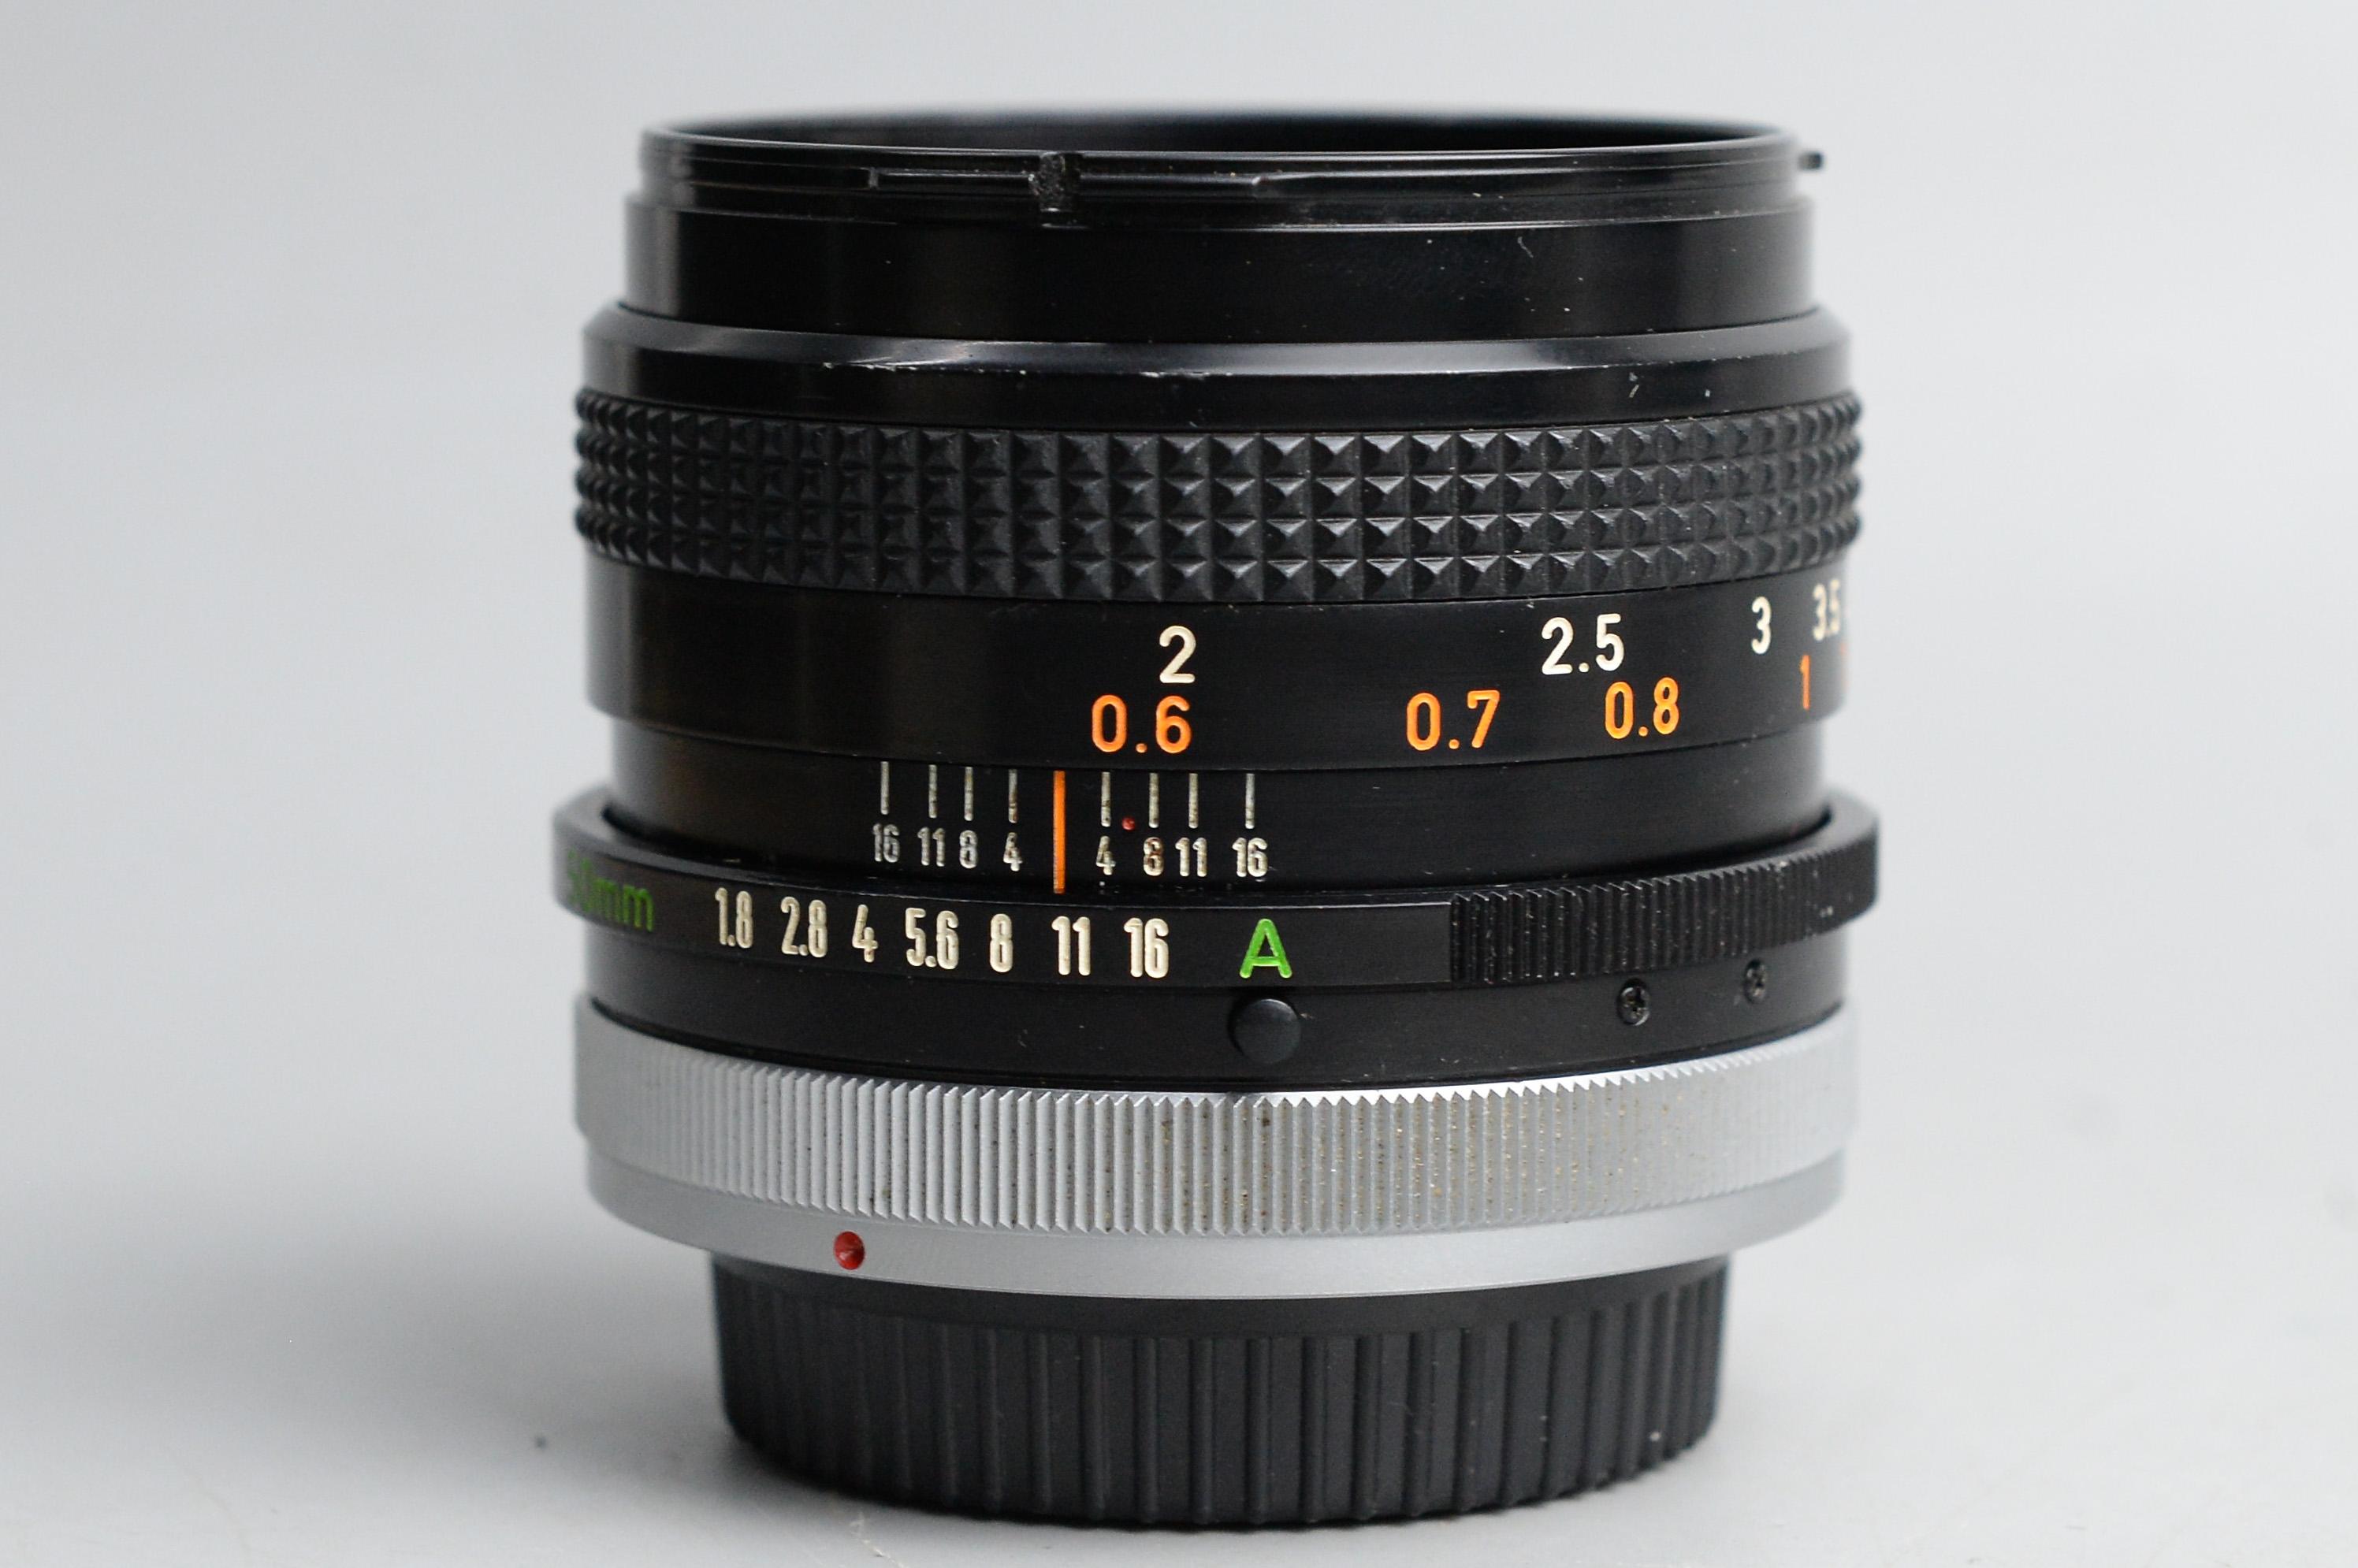 canon-50mm-f1-8-fd-s-c-mf-canon-50-1-8-mf-17955